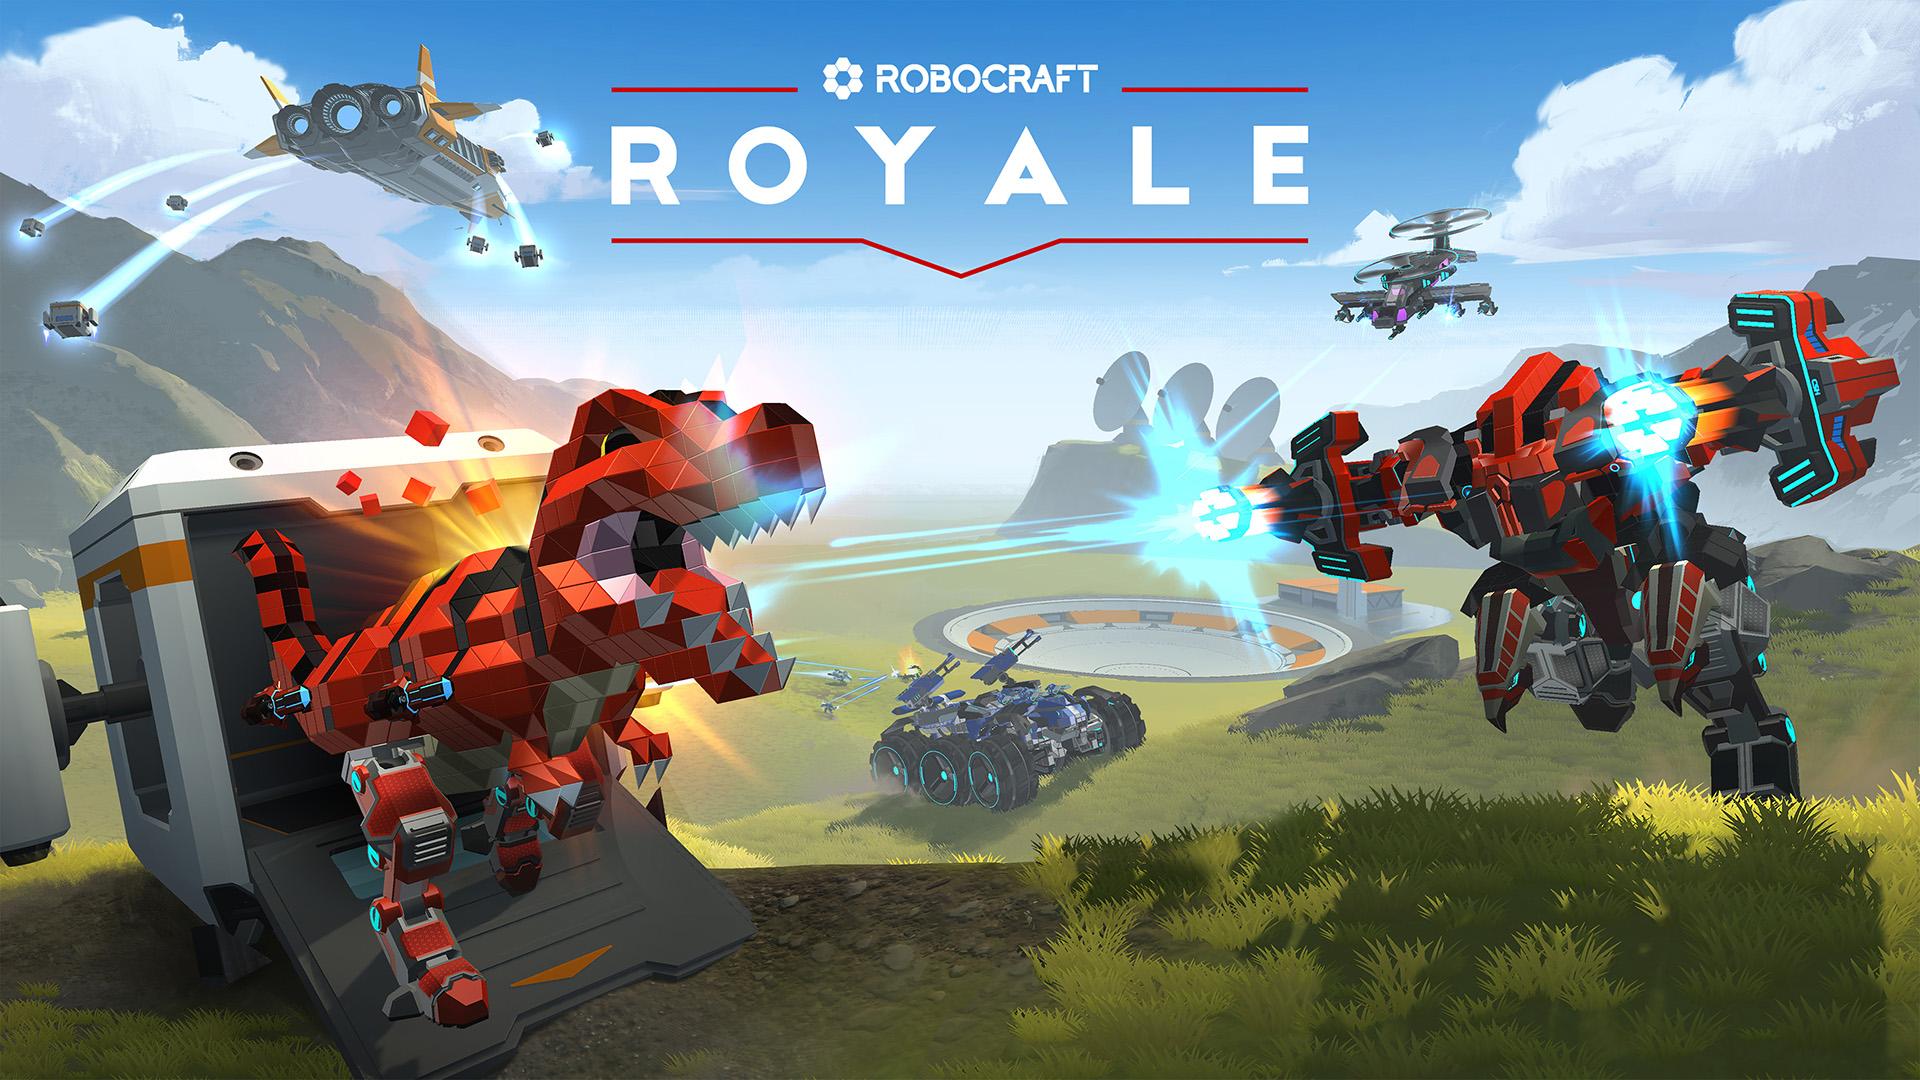 Анонсирована Robocraft Royale — игра в жанре королевской битвы с функцией создания роботов